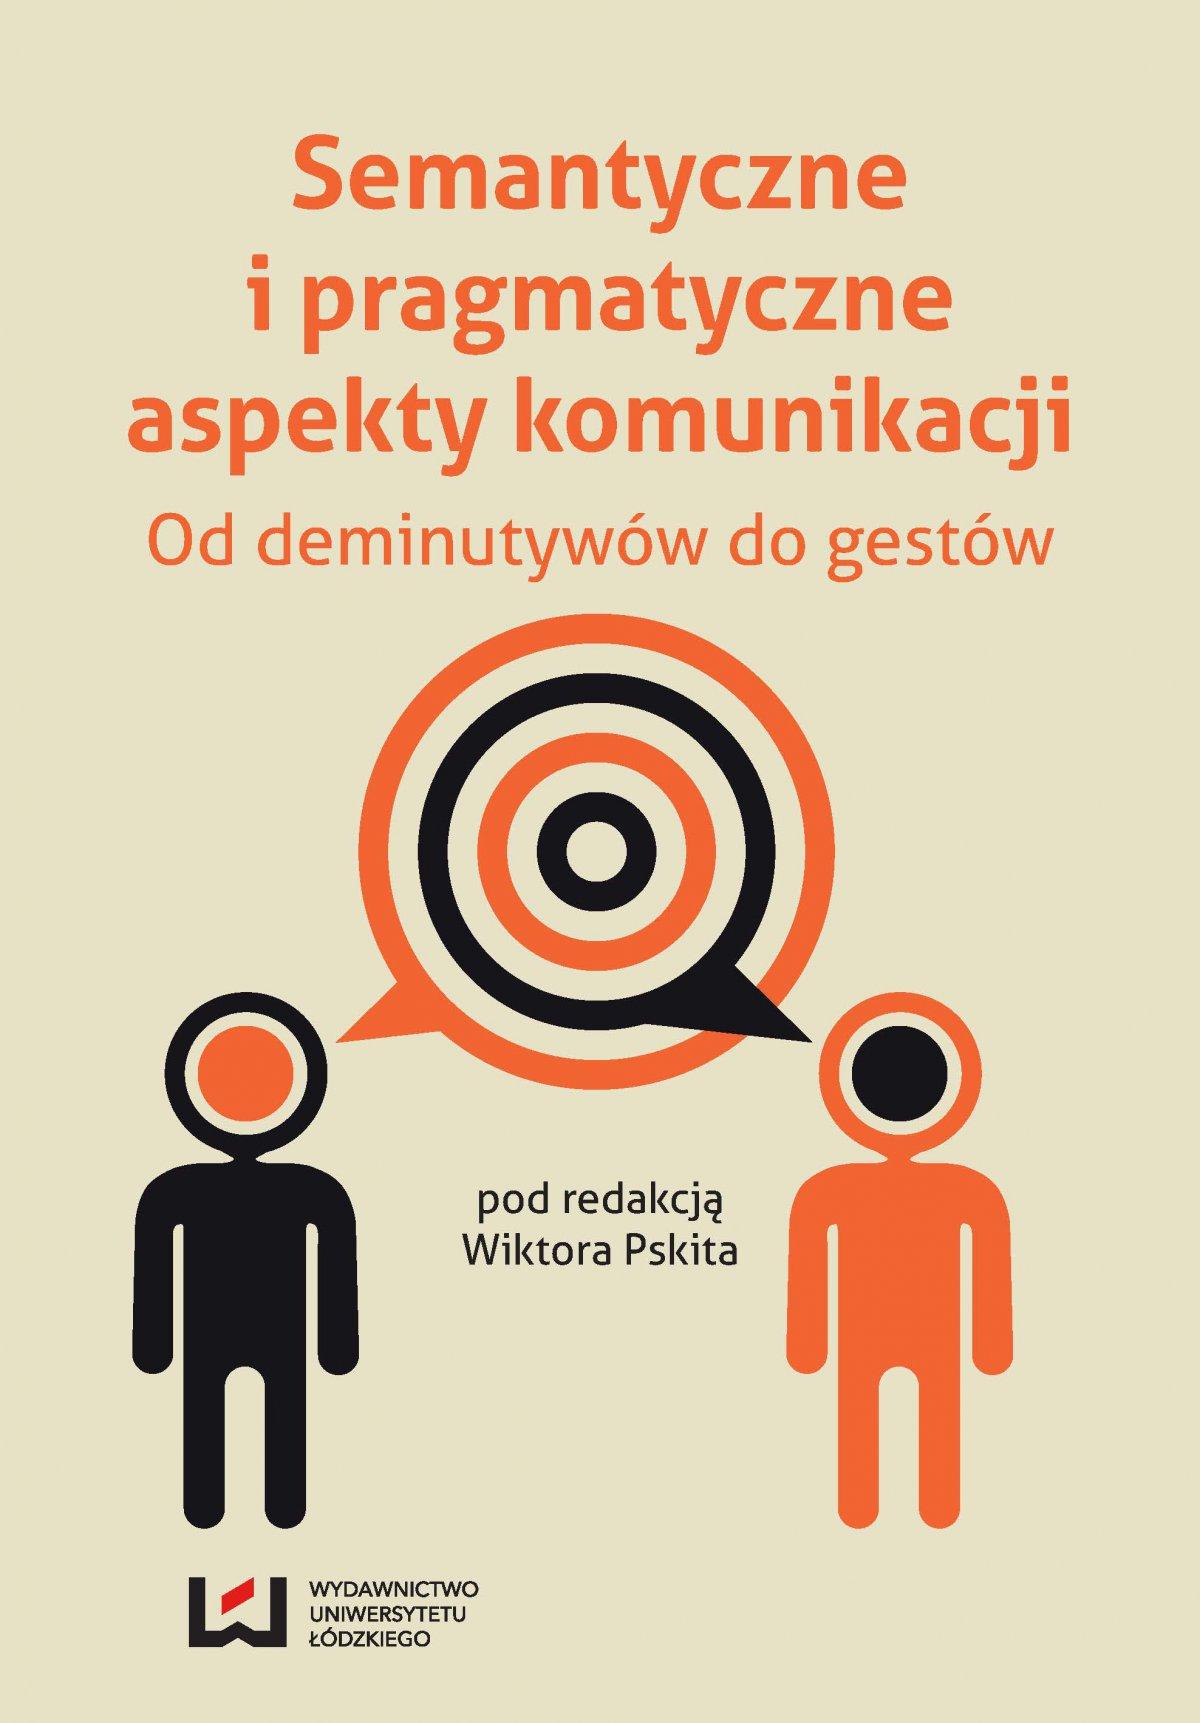 Semantyczne i pragmatyczne aspekty komunikacji. Od deminutywów do gestów - Ebook (Książka PDF) do pobrania w formacie PDF